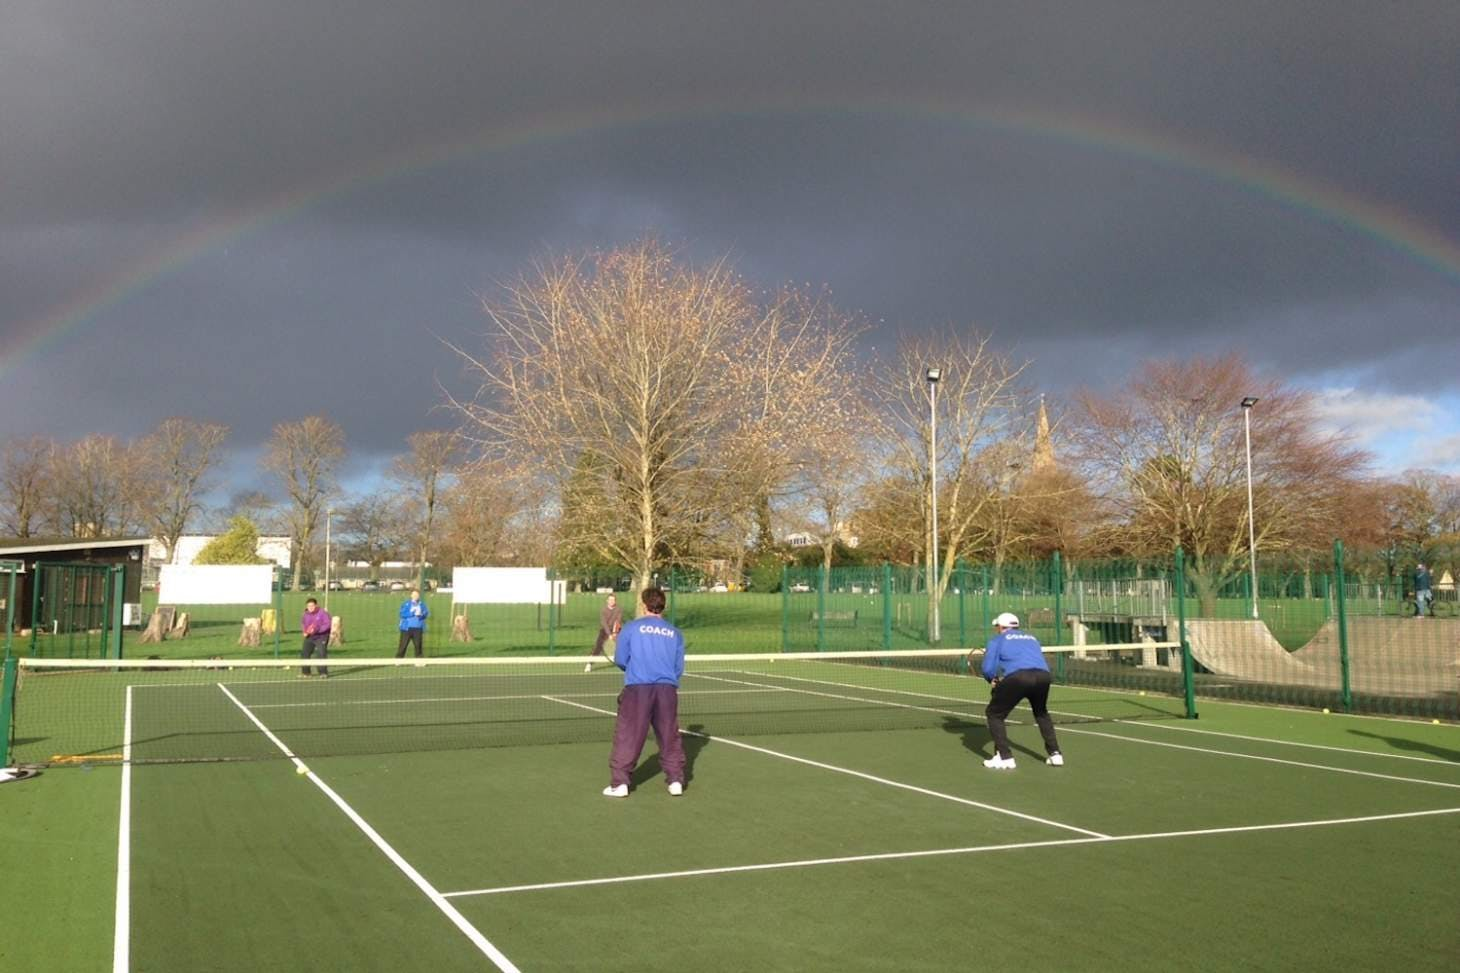 Leys Recreation Ground Outdoor | Hard (macadam) tennis court